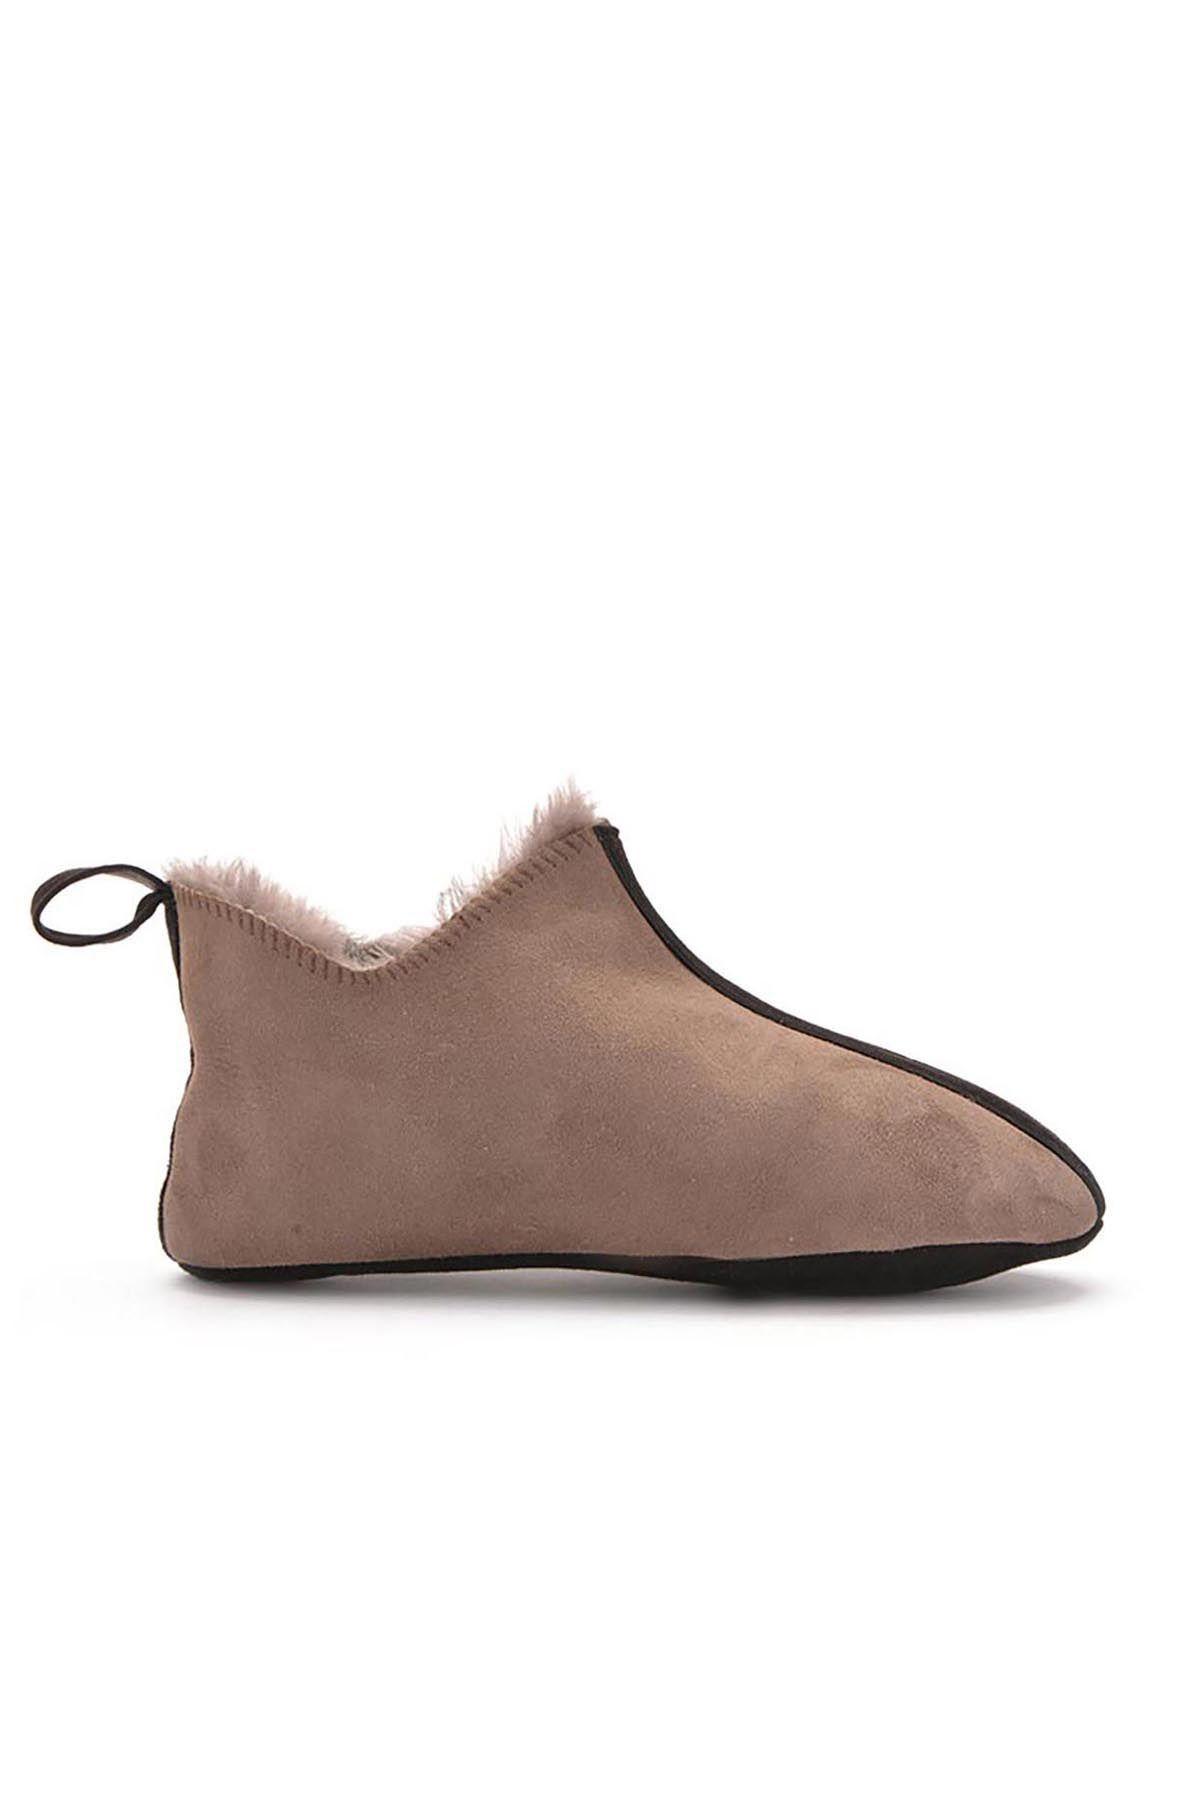 Pegia Hakiki Kürk Erkek Ev Ayakkabısı 111097 Vizon